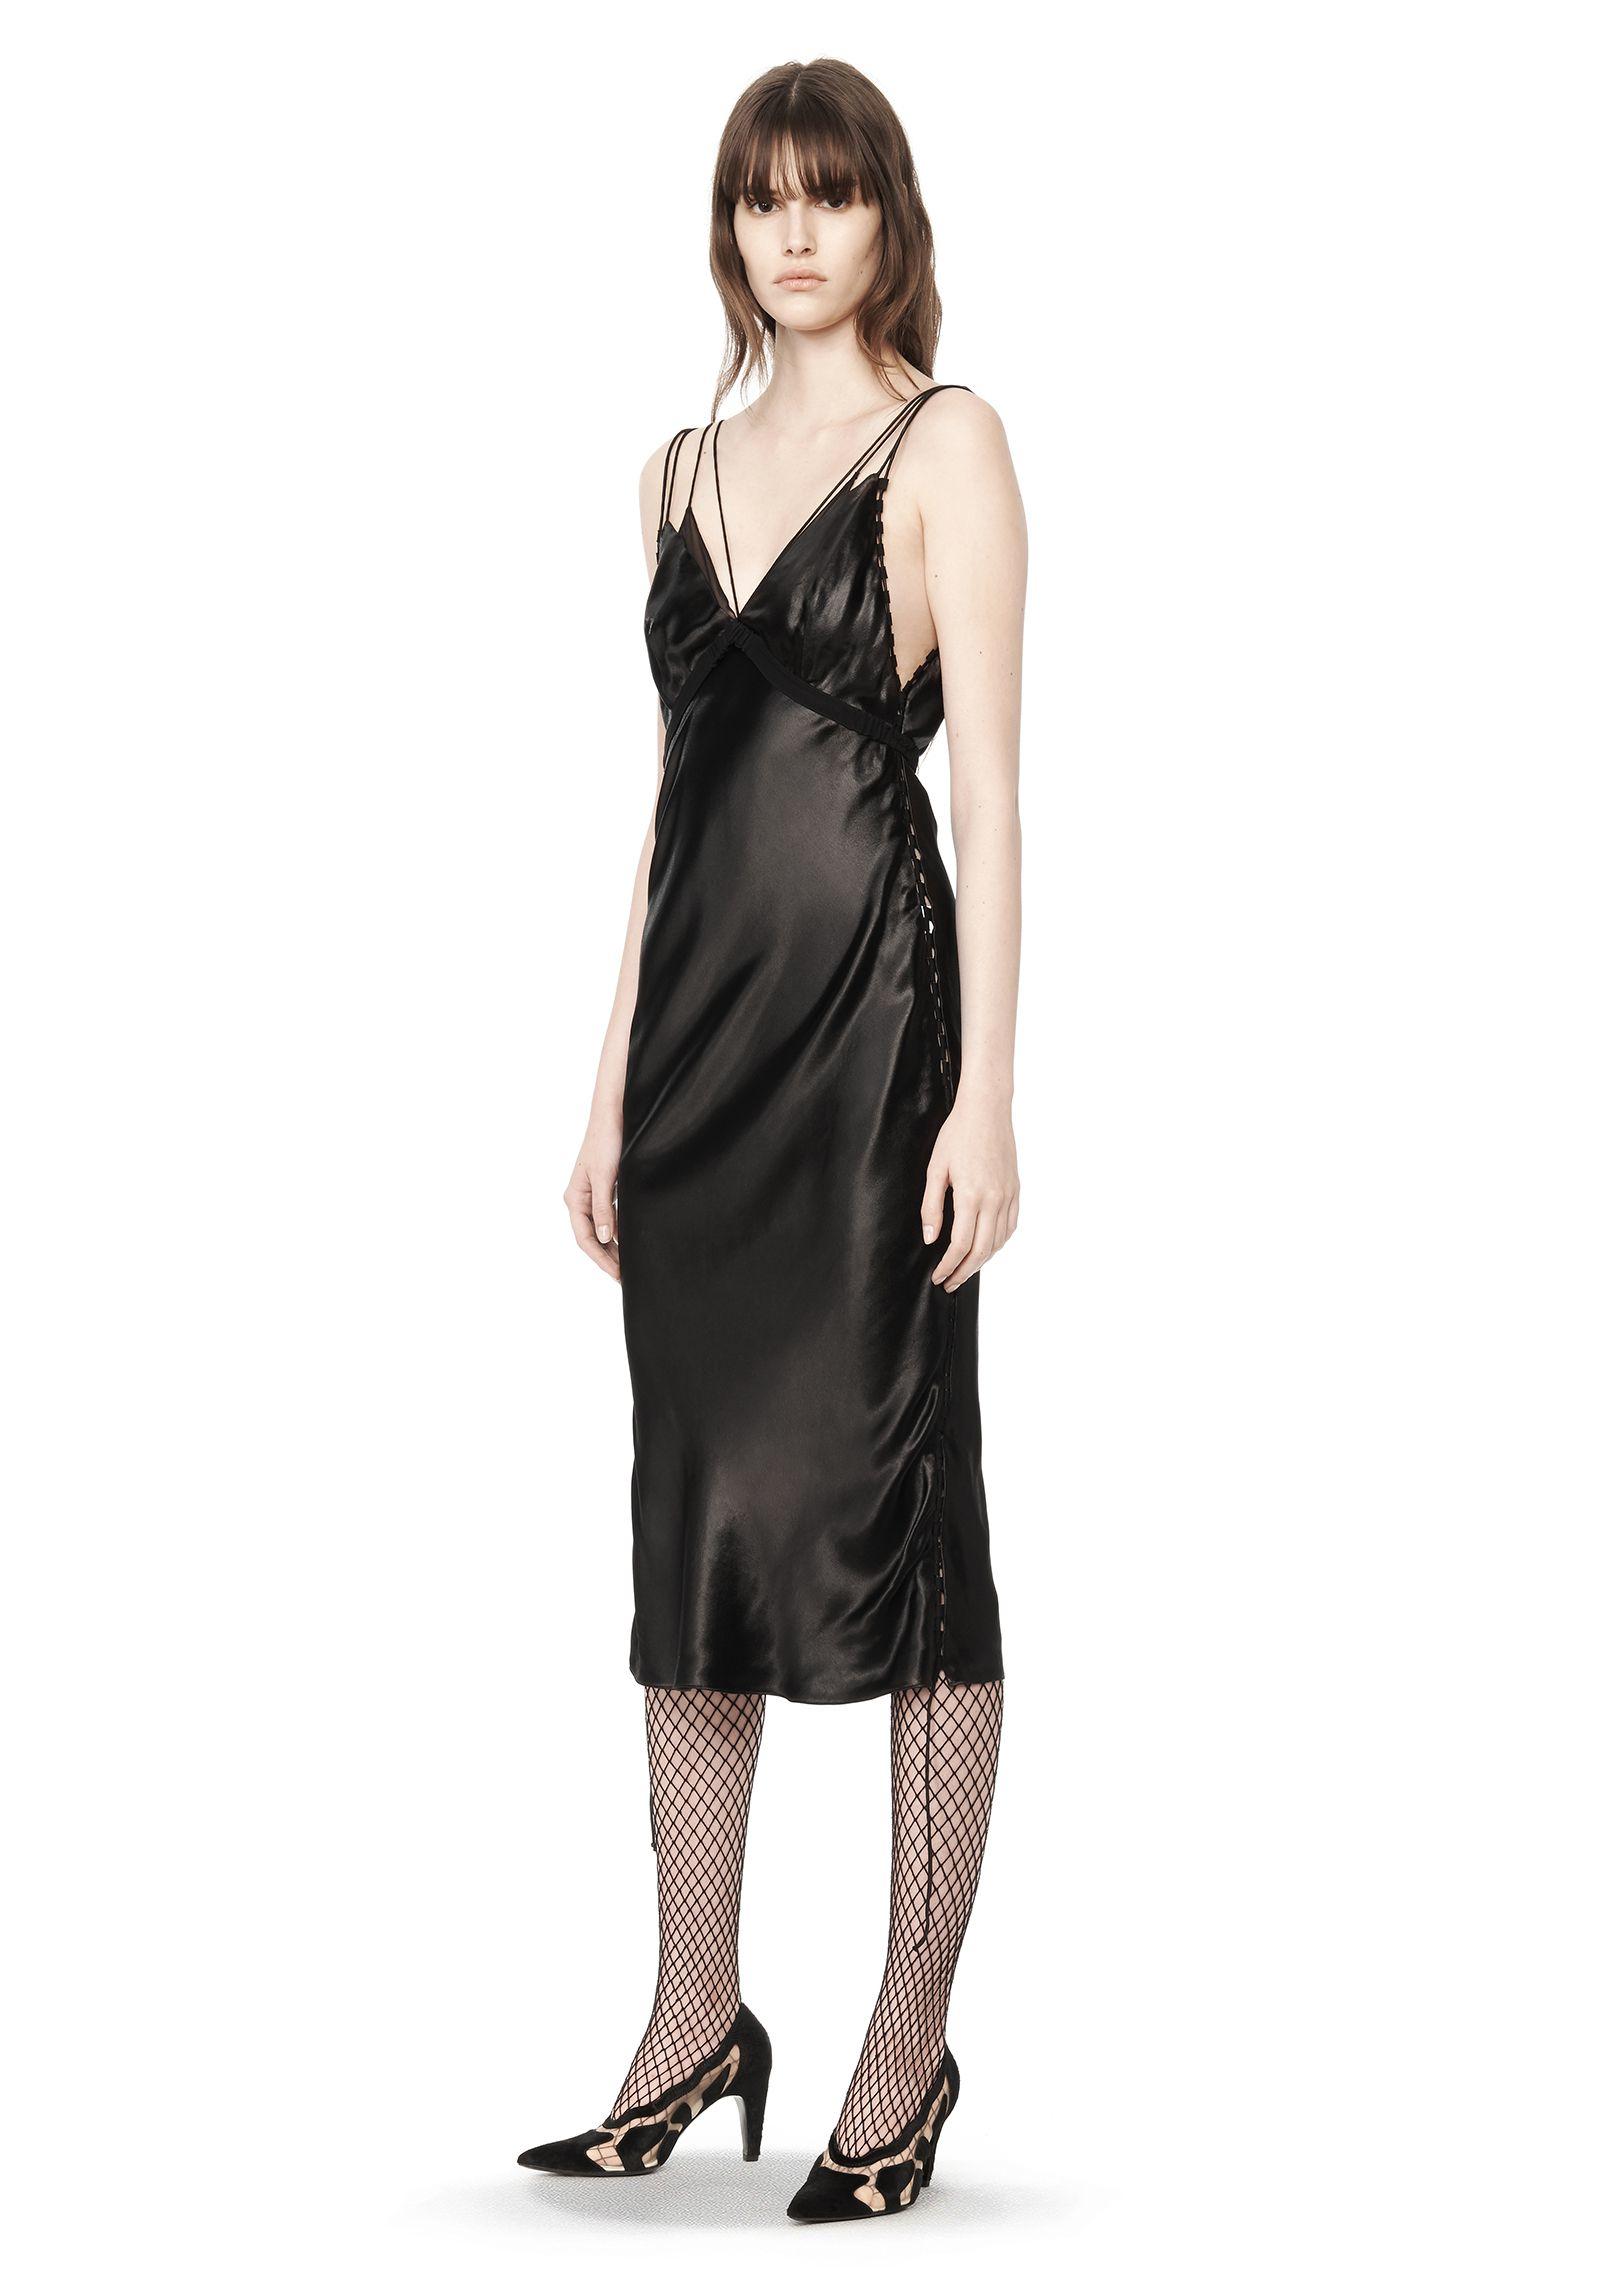 0ab867f47d8f2 Alexander Wang Satin Slip Dress in Black - Lyst